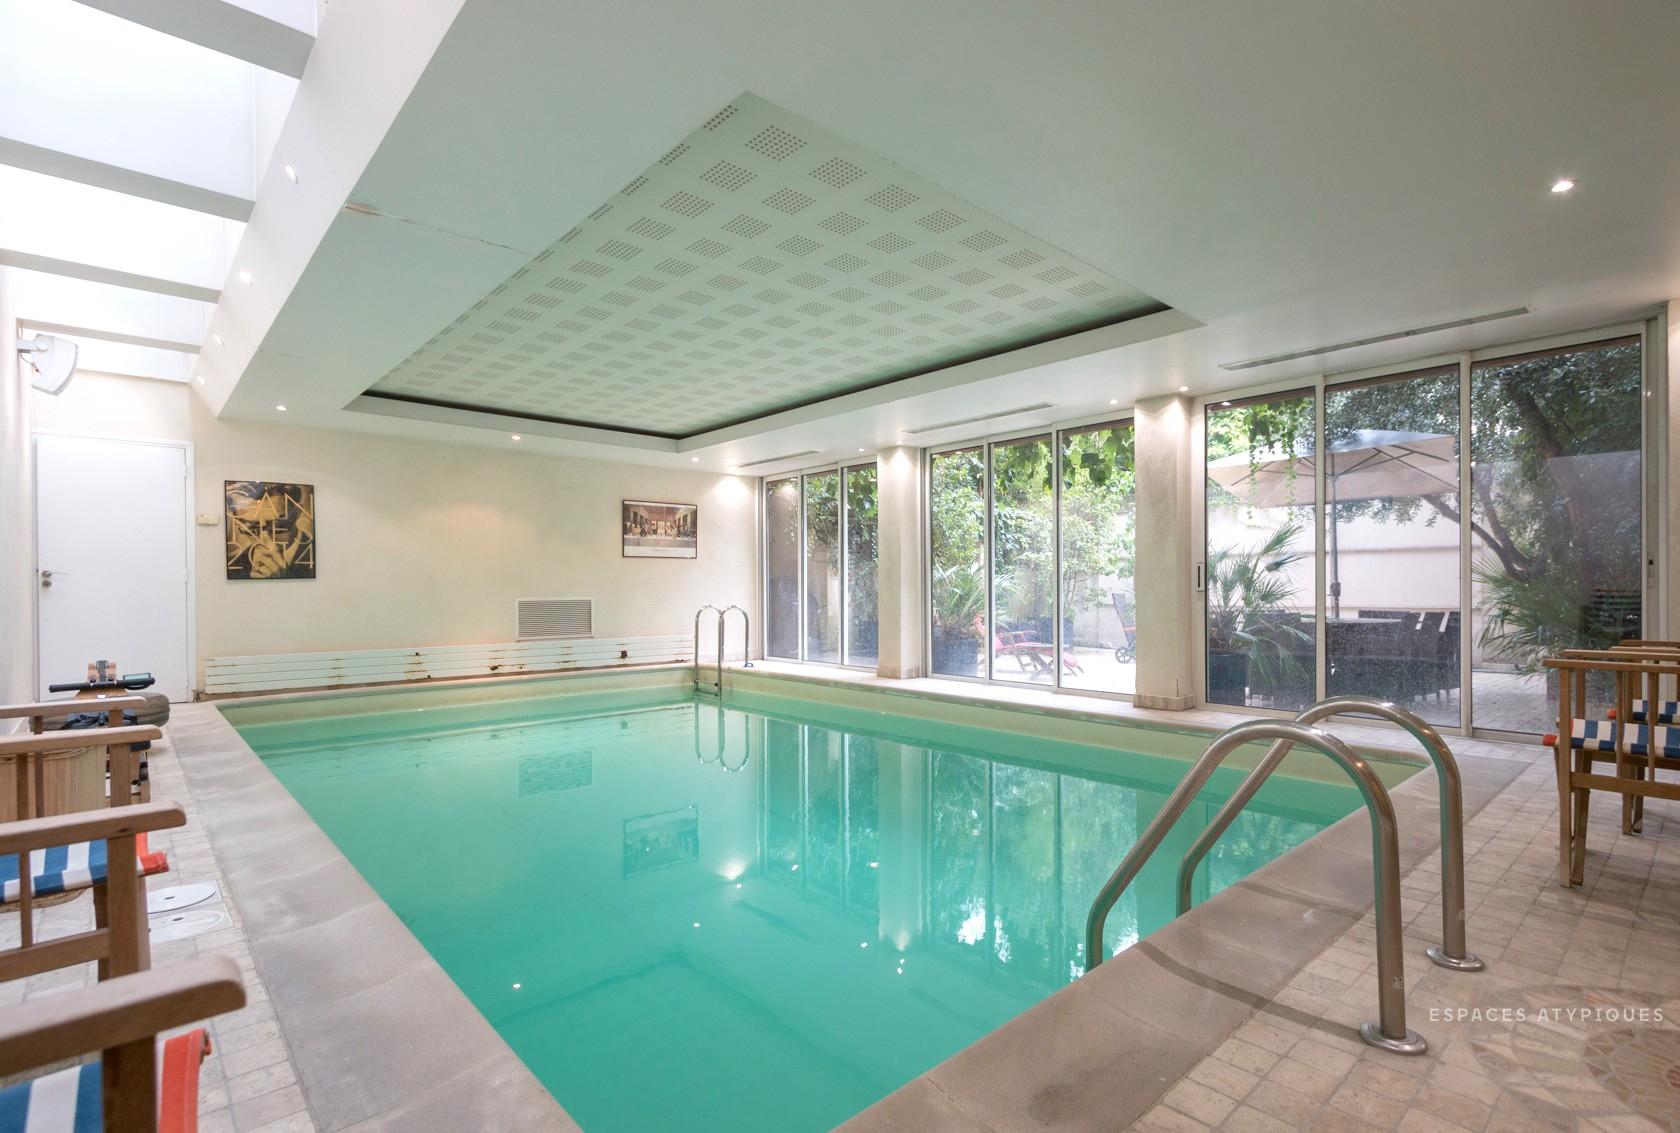 Maison Avec Piscine Couverte Et Terrasses À Vendre Paris 18 avec Location Maison Avec Piscine Intérieure